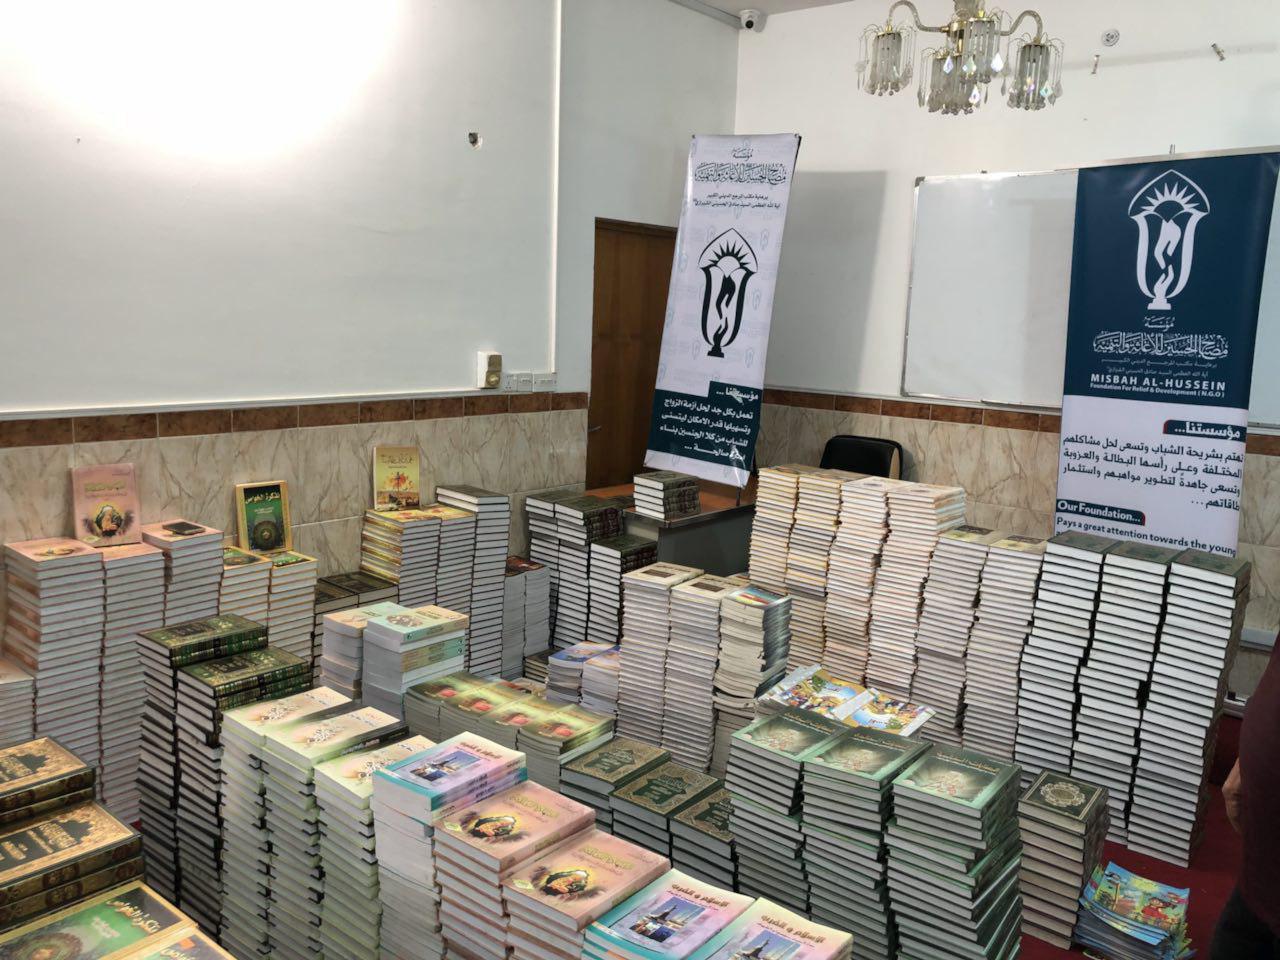 تصویر توزیع هزاران جلد کتاب در دانشگاه های عراق، توسط موسسه فرهنگی و نیکوکاری مصباح الحسین علیه السلام